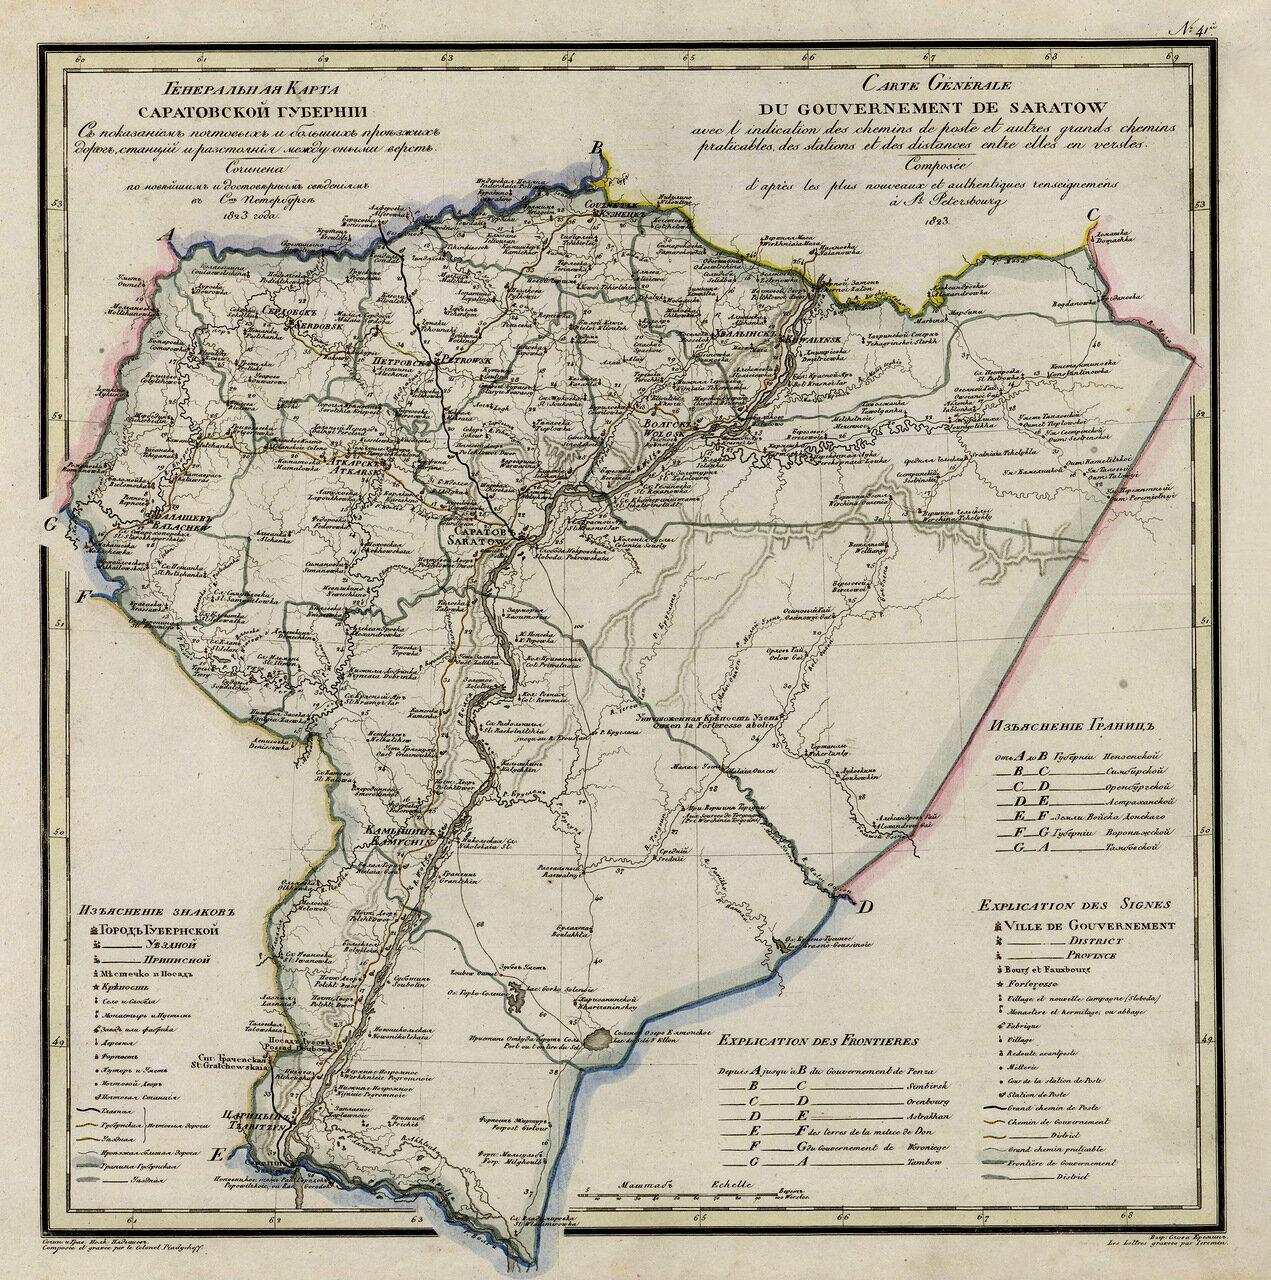 1821. Генеральная карта Саратовской губернии